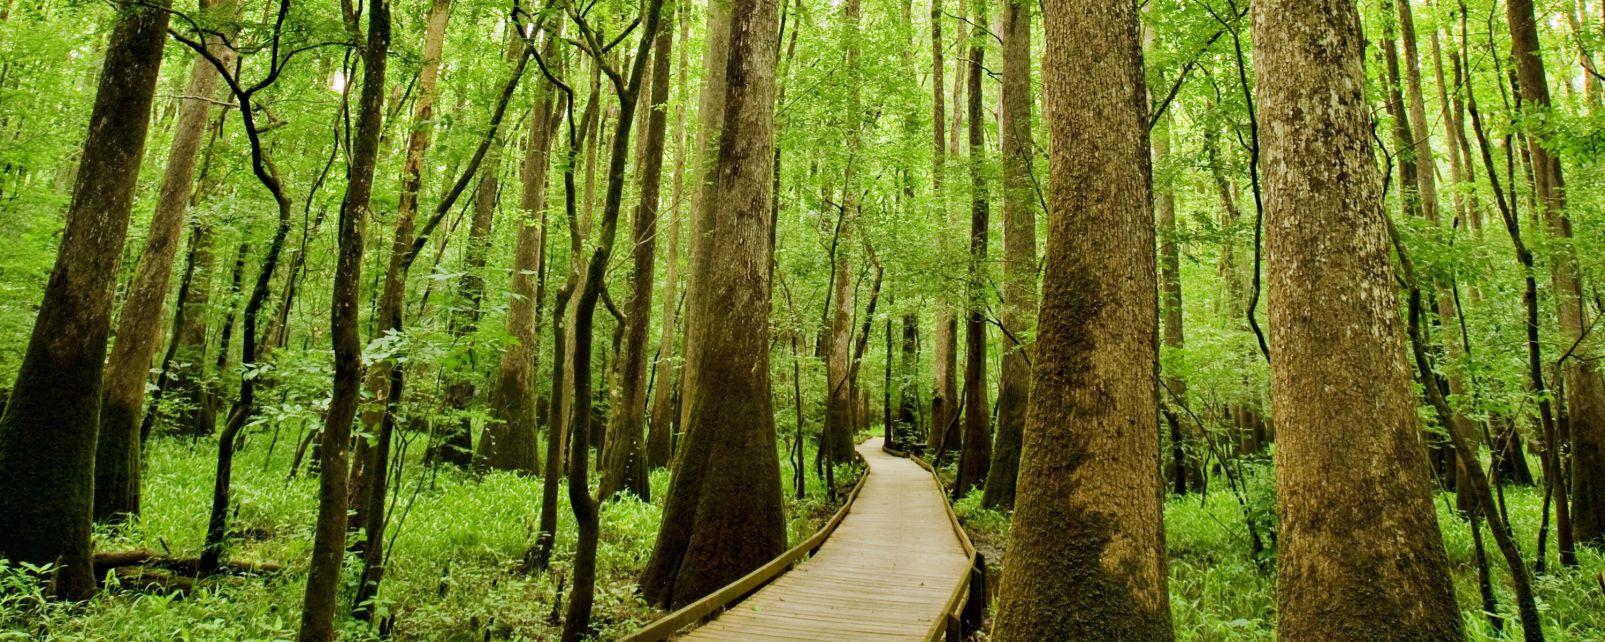 Les paysages, Horizontal, South Carolina, Leaf, Reflection, Autumn, Swamp, Lake